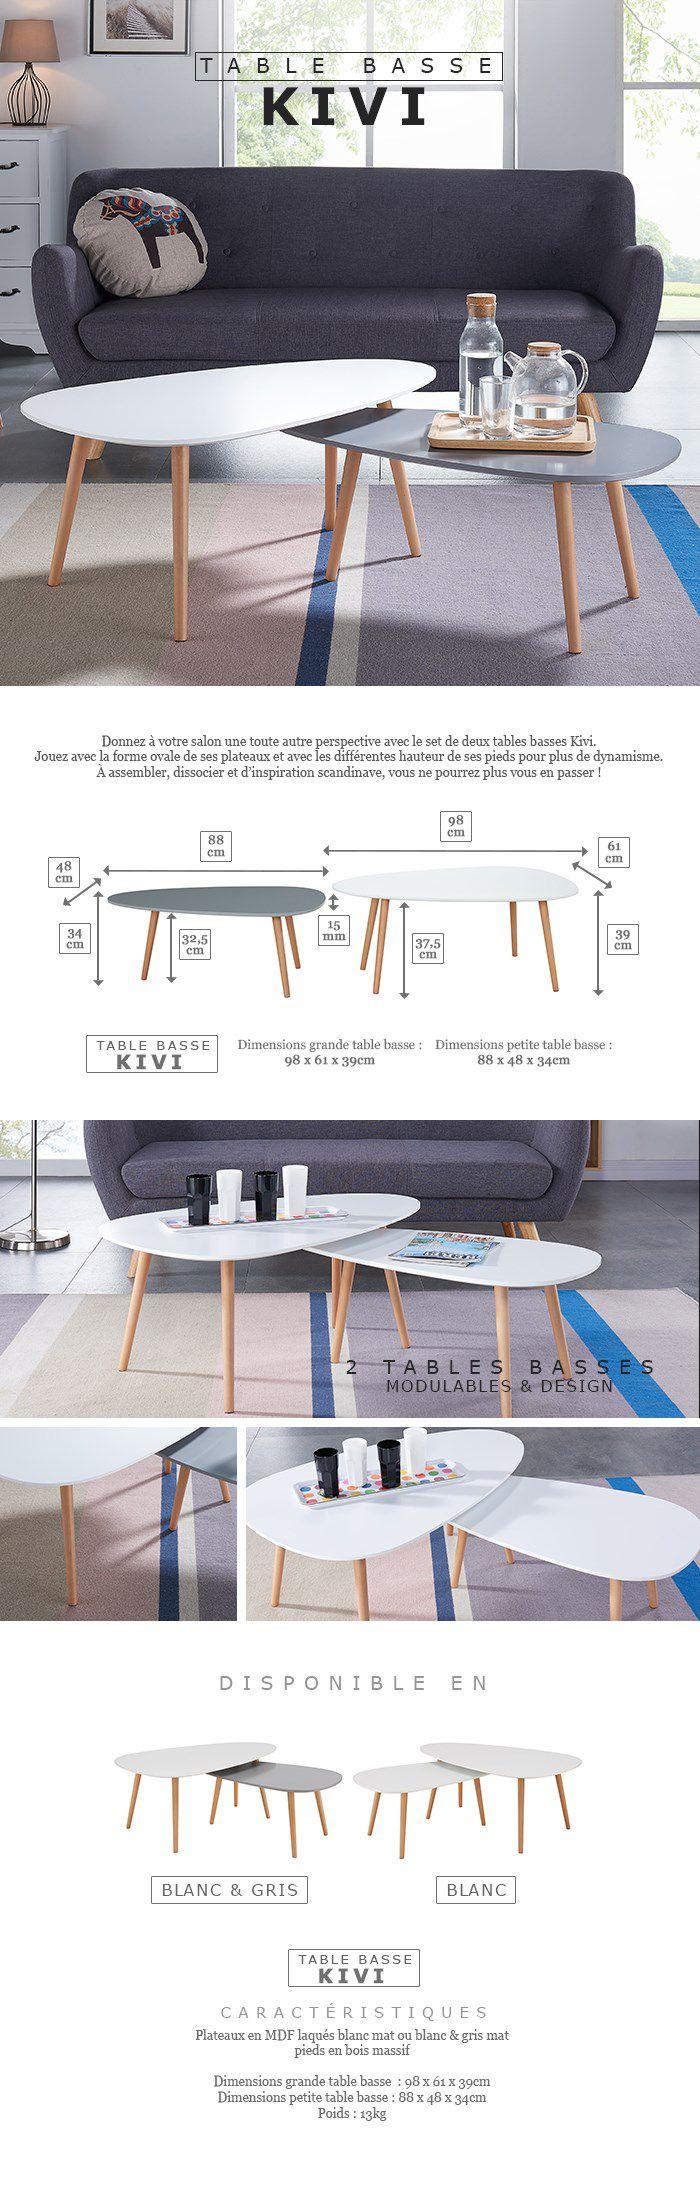 Grande Table Basse Bois kivi lot de 2 tables basses gigognes scandinave blanc laqué et gris mat - l  98 x l 61 et h39